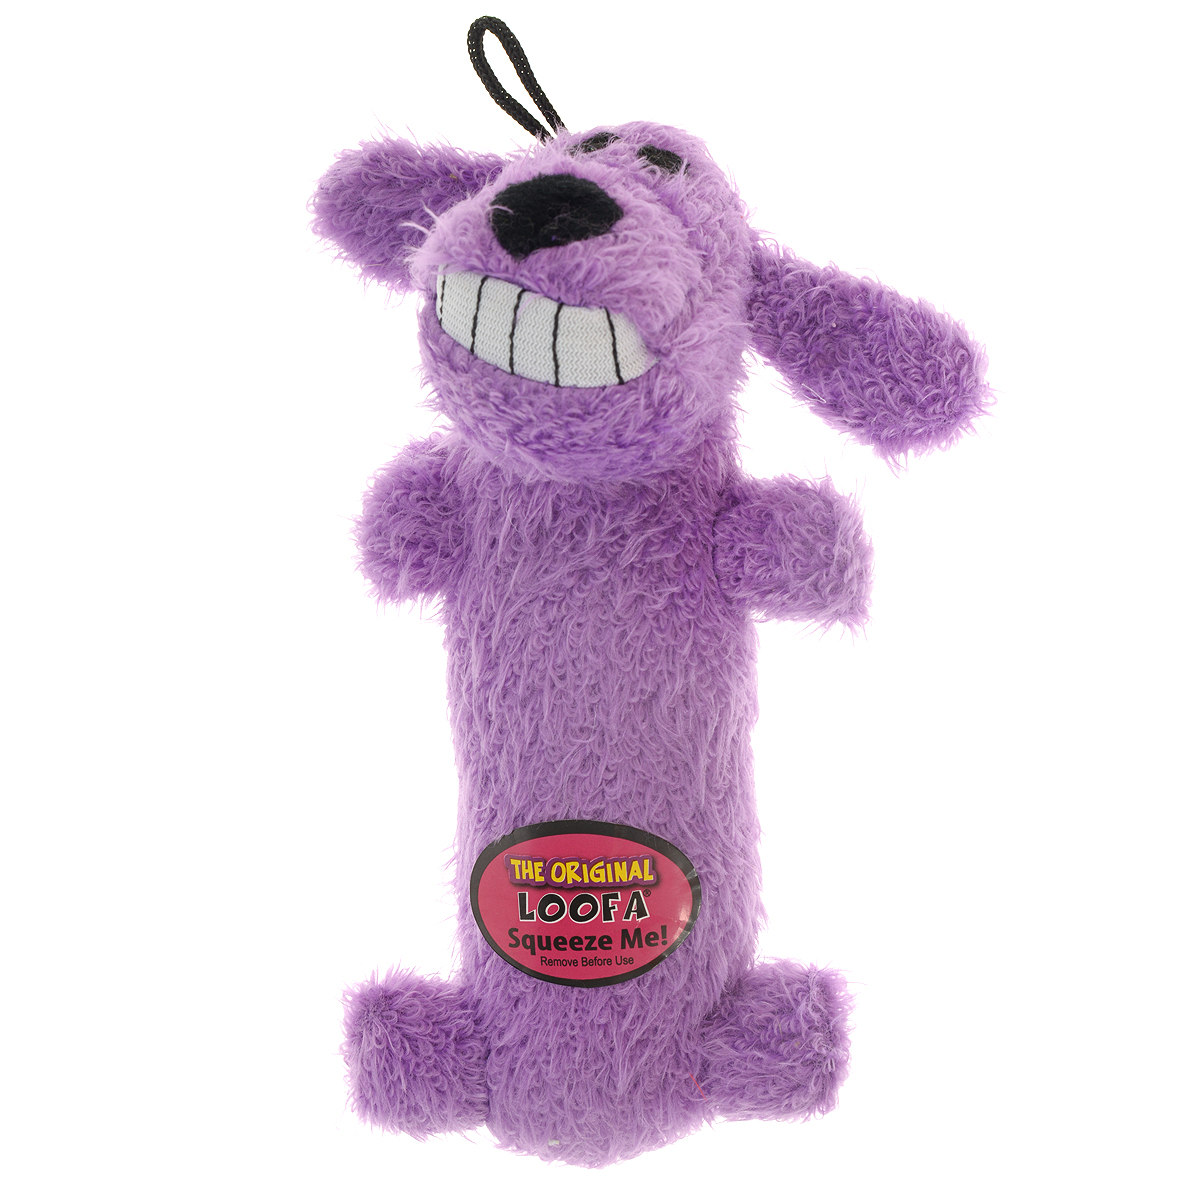 Игрушка для животных Multipet Собака, с пищалкой, цвет: фиолетовыйAST5EИгрушка Multipet Собака изготовлена из прочного и долговечного полиэстера, устойчивого к разгрызанию. Необычная и забавная игрушка прекрасно подойдет для собак и кошек, любящих плюшевые игрушки с пищалками, так как в игрушку вшиты 2 пищалки с разным звучанием.